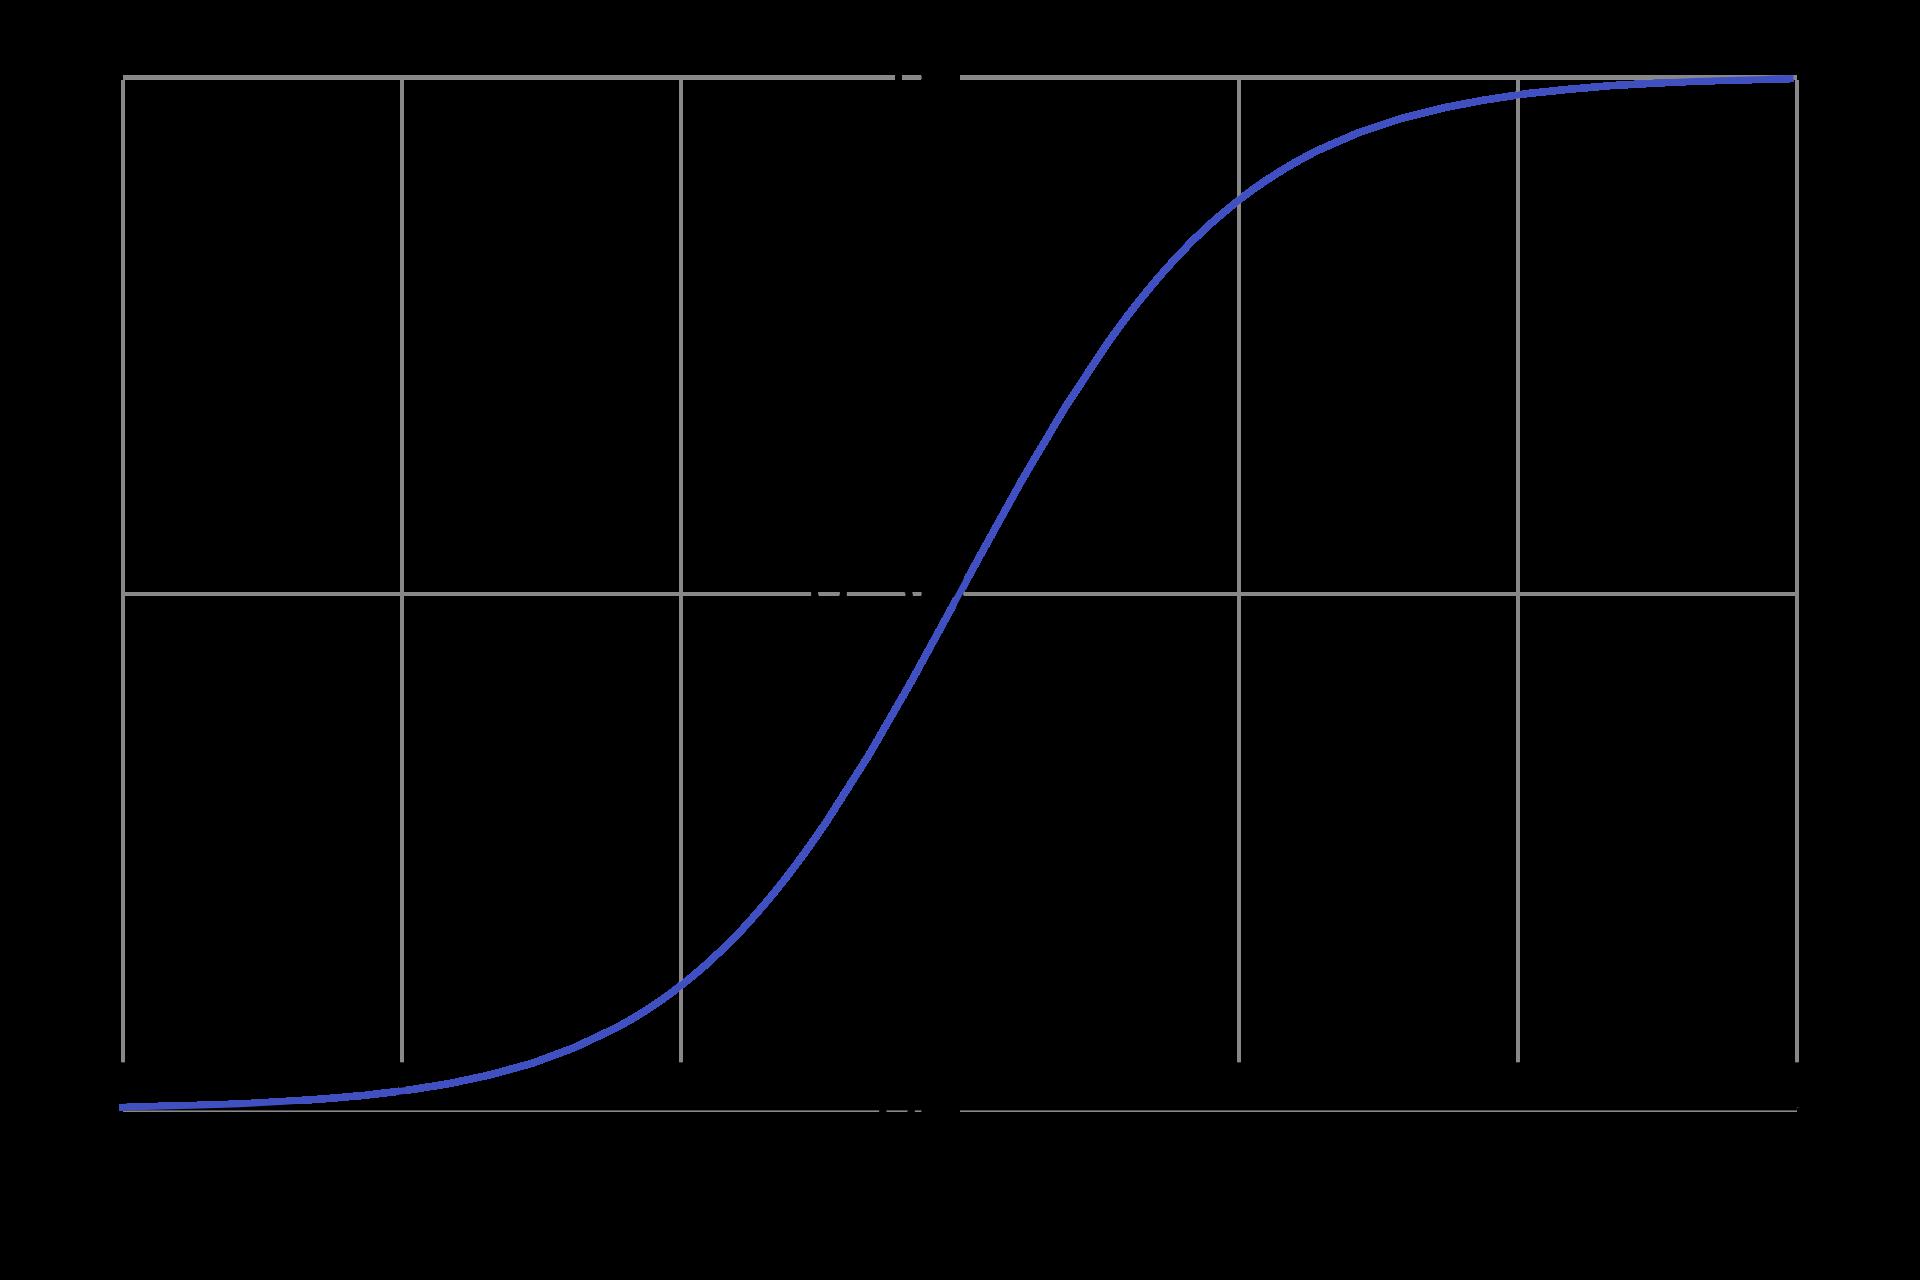 Сигмоида модели логистической регрессии